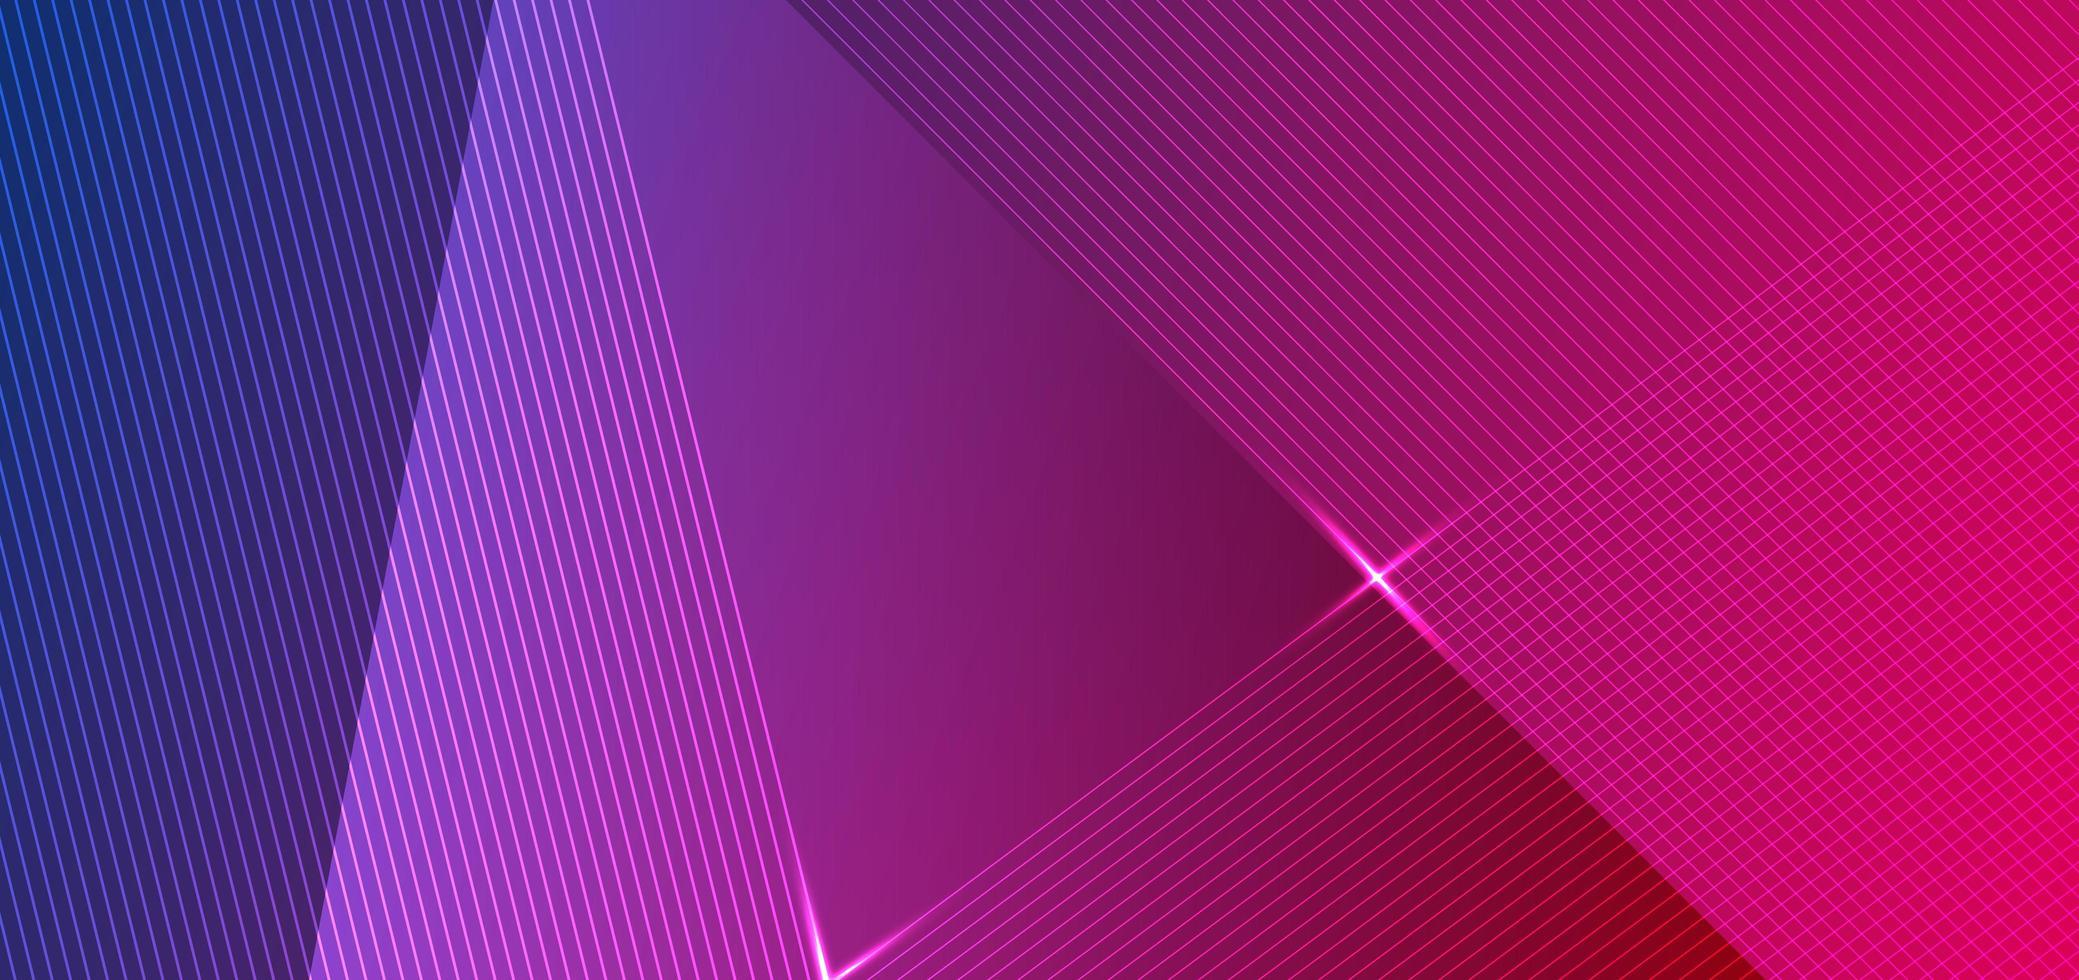 conception abstraite de lignes diagonales dégradées bleues et roses vecteur